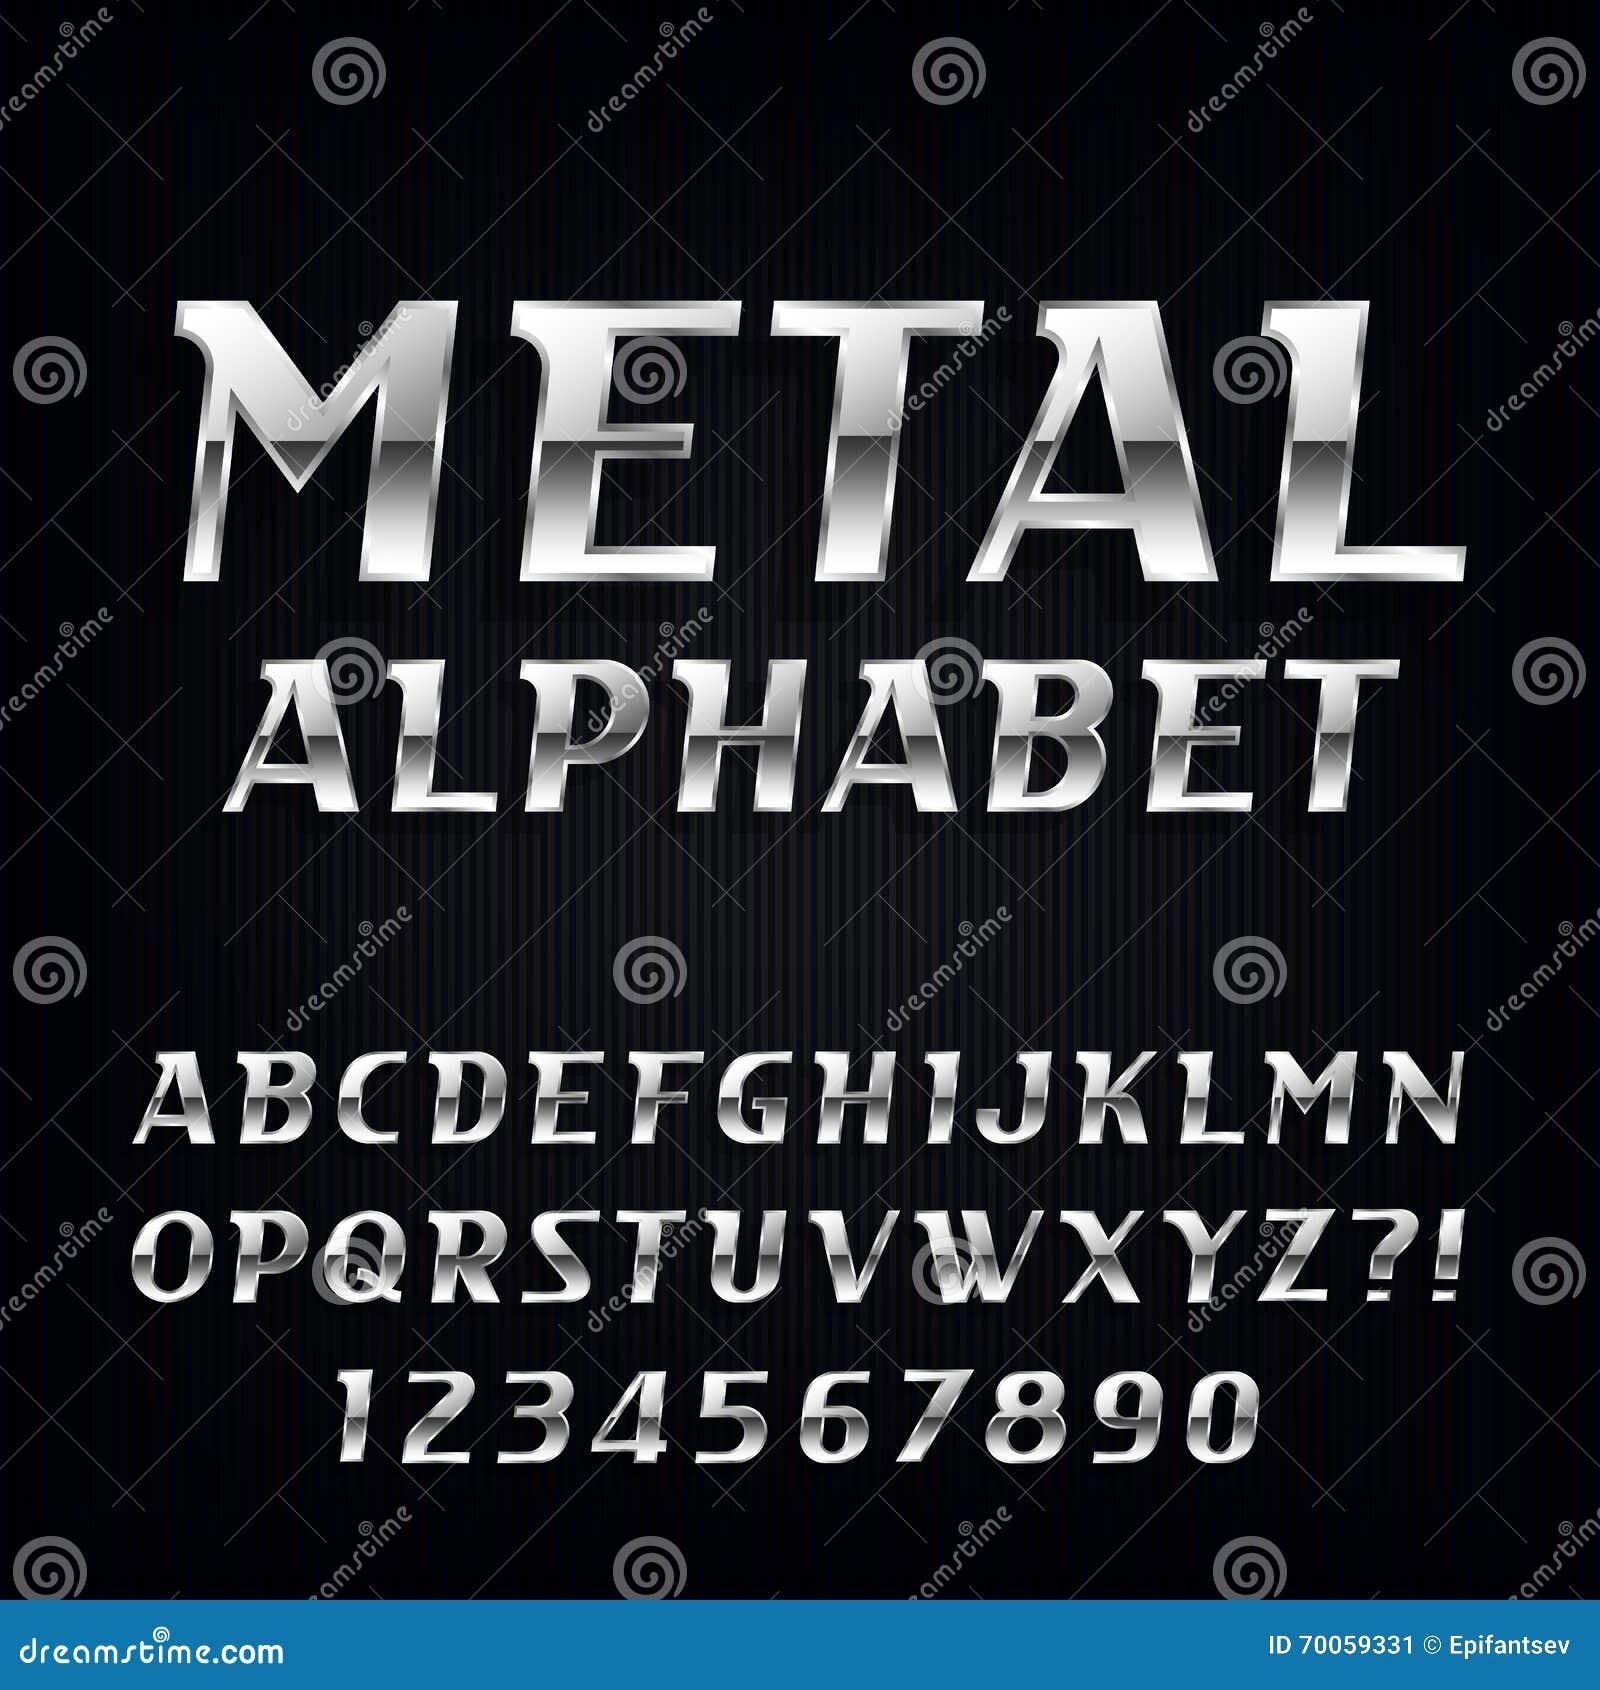 Metal Alphabet Vector Font. Oblique Chrome Letters And